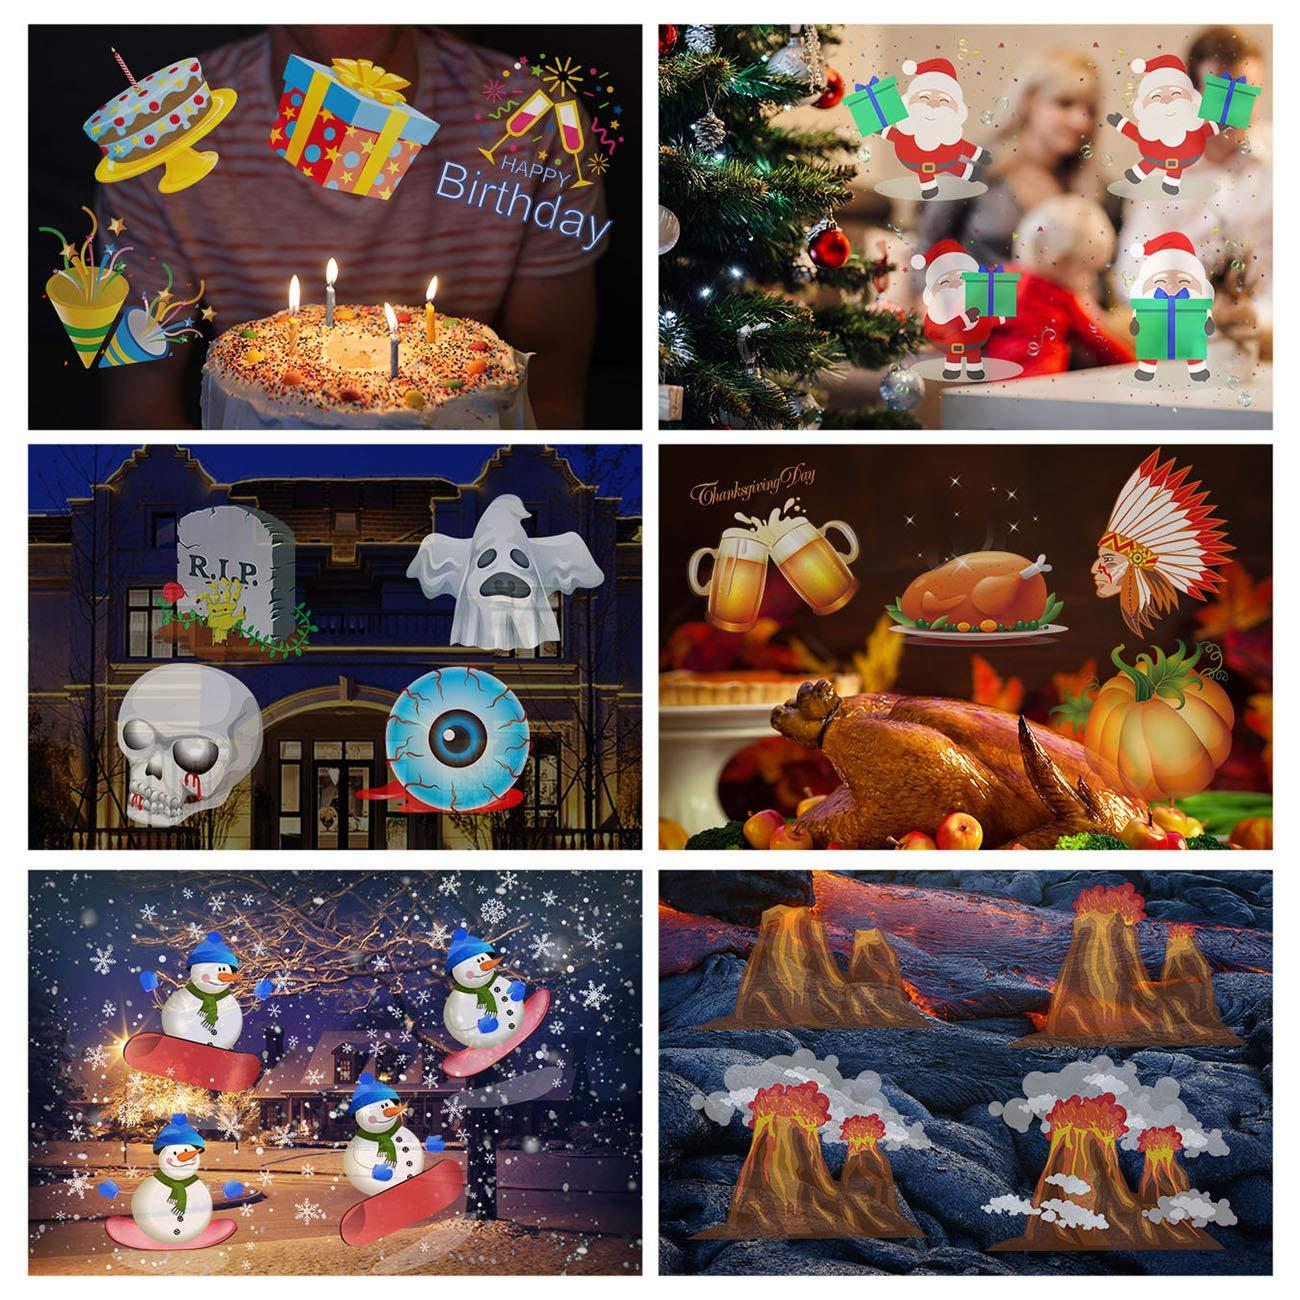 Proyección luces de Navidad 10 patrón luz proyector con mando a distancia Interior y Exterior Jardín Decoración Iluminación Exterior Navidad Halloween ...